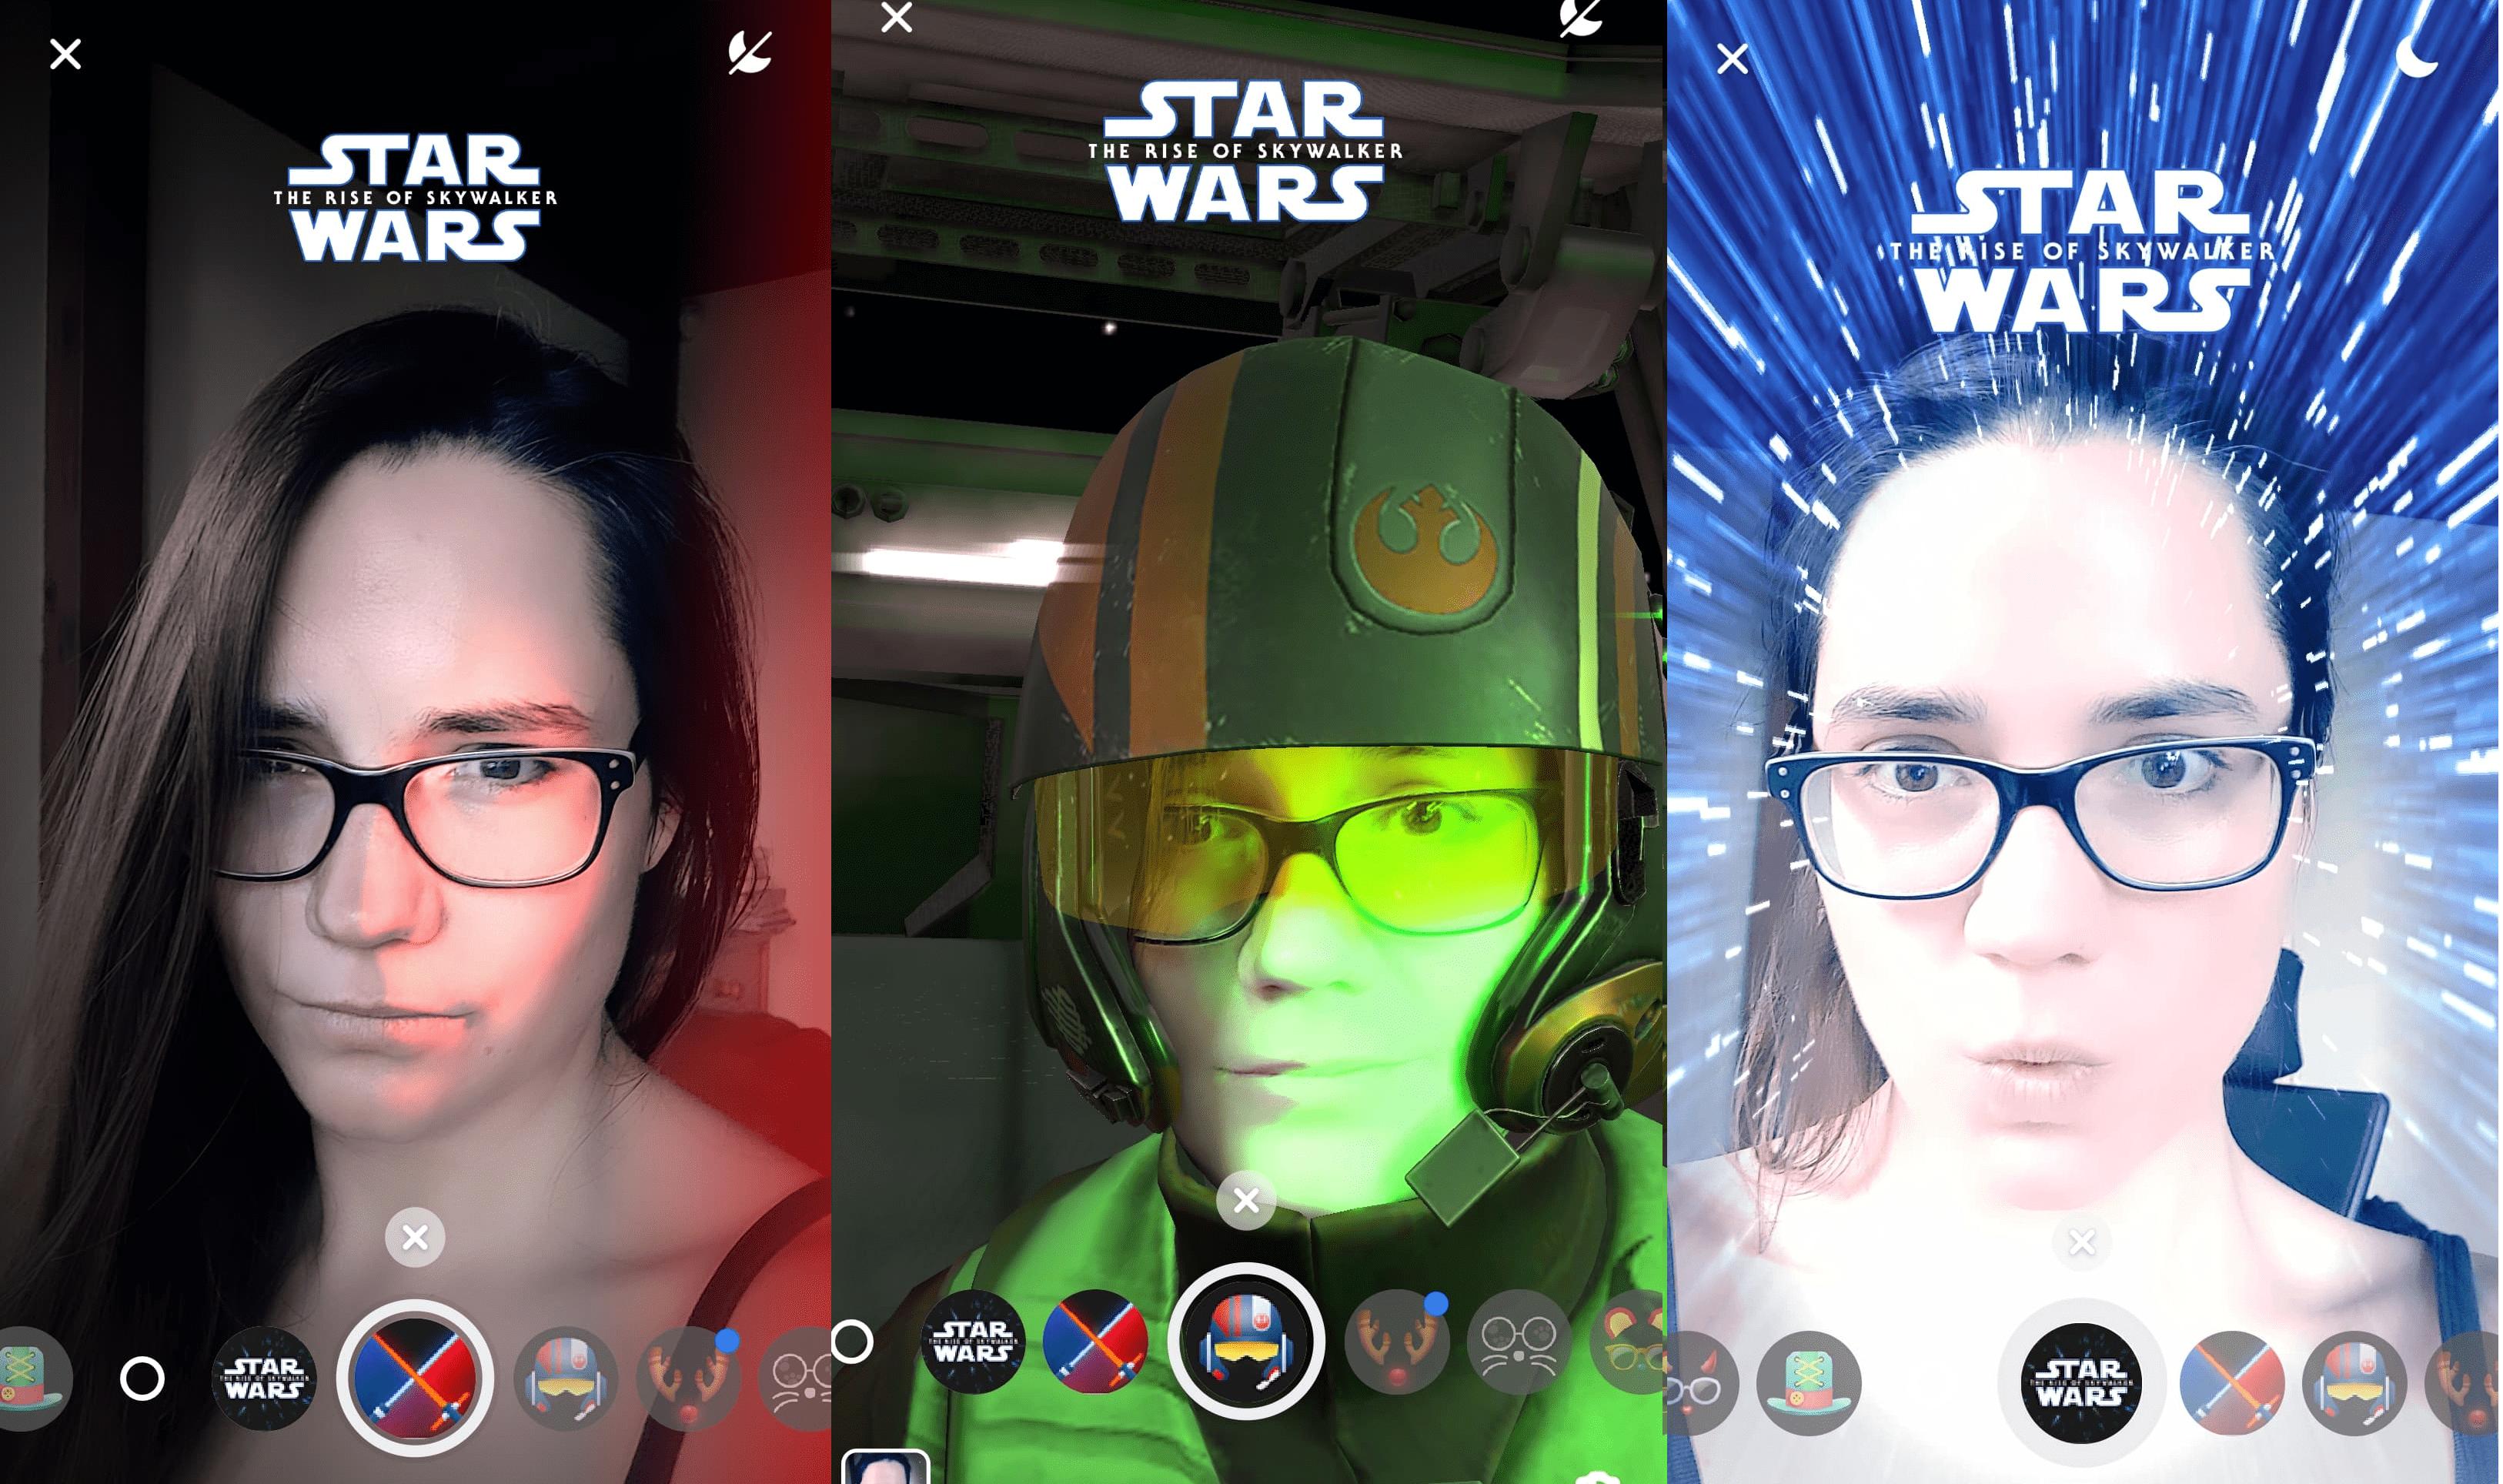 Gwiezdne wojny AR na Facebooku